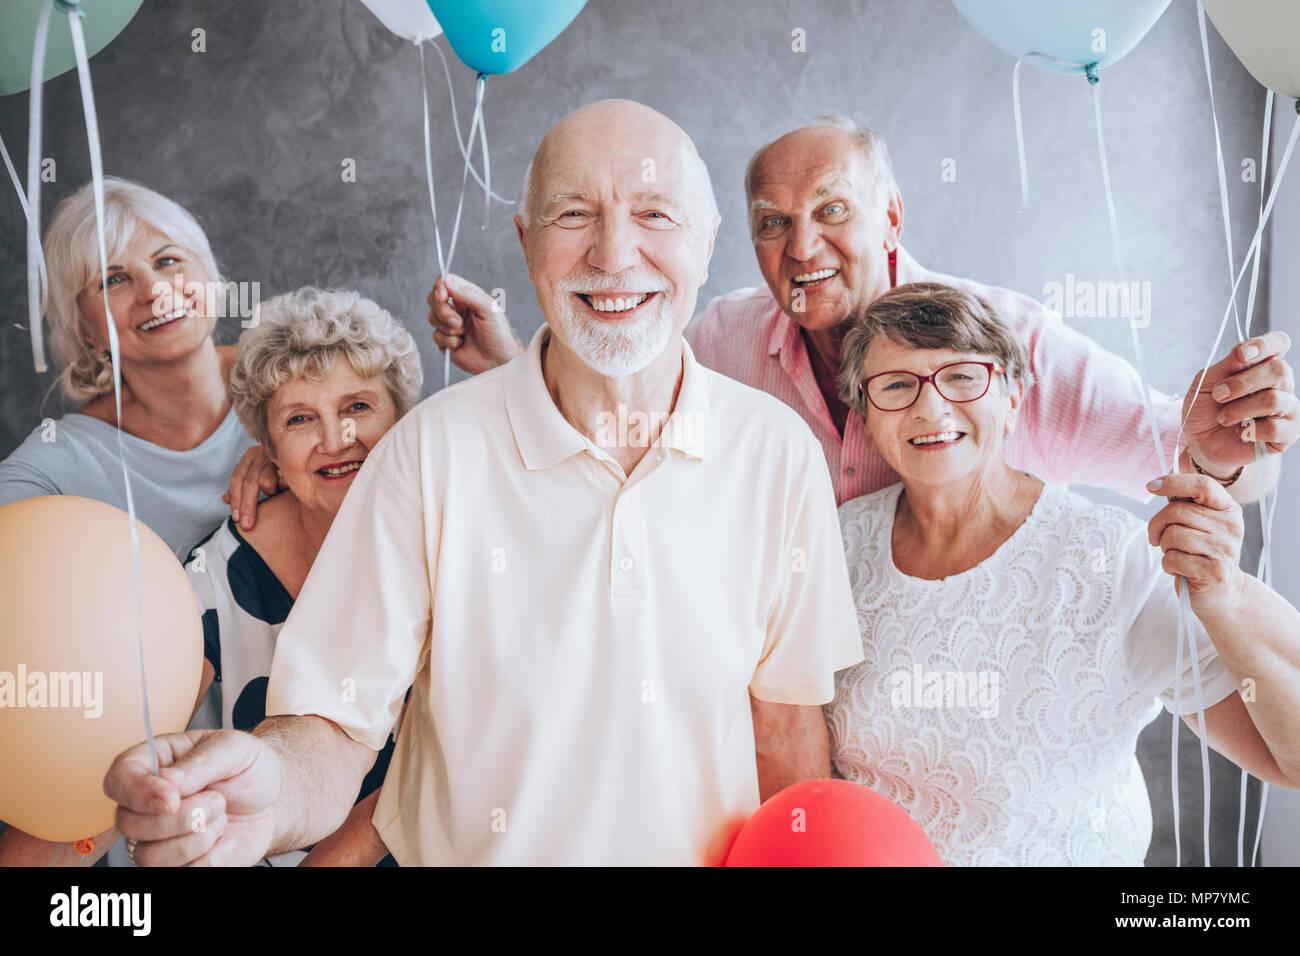 Sonriente anciano con globos y sus amigos disfrutando de su fiesta de cumpleaños Imagen De Stock